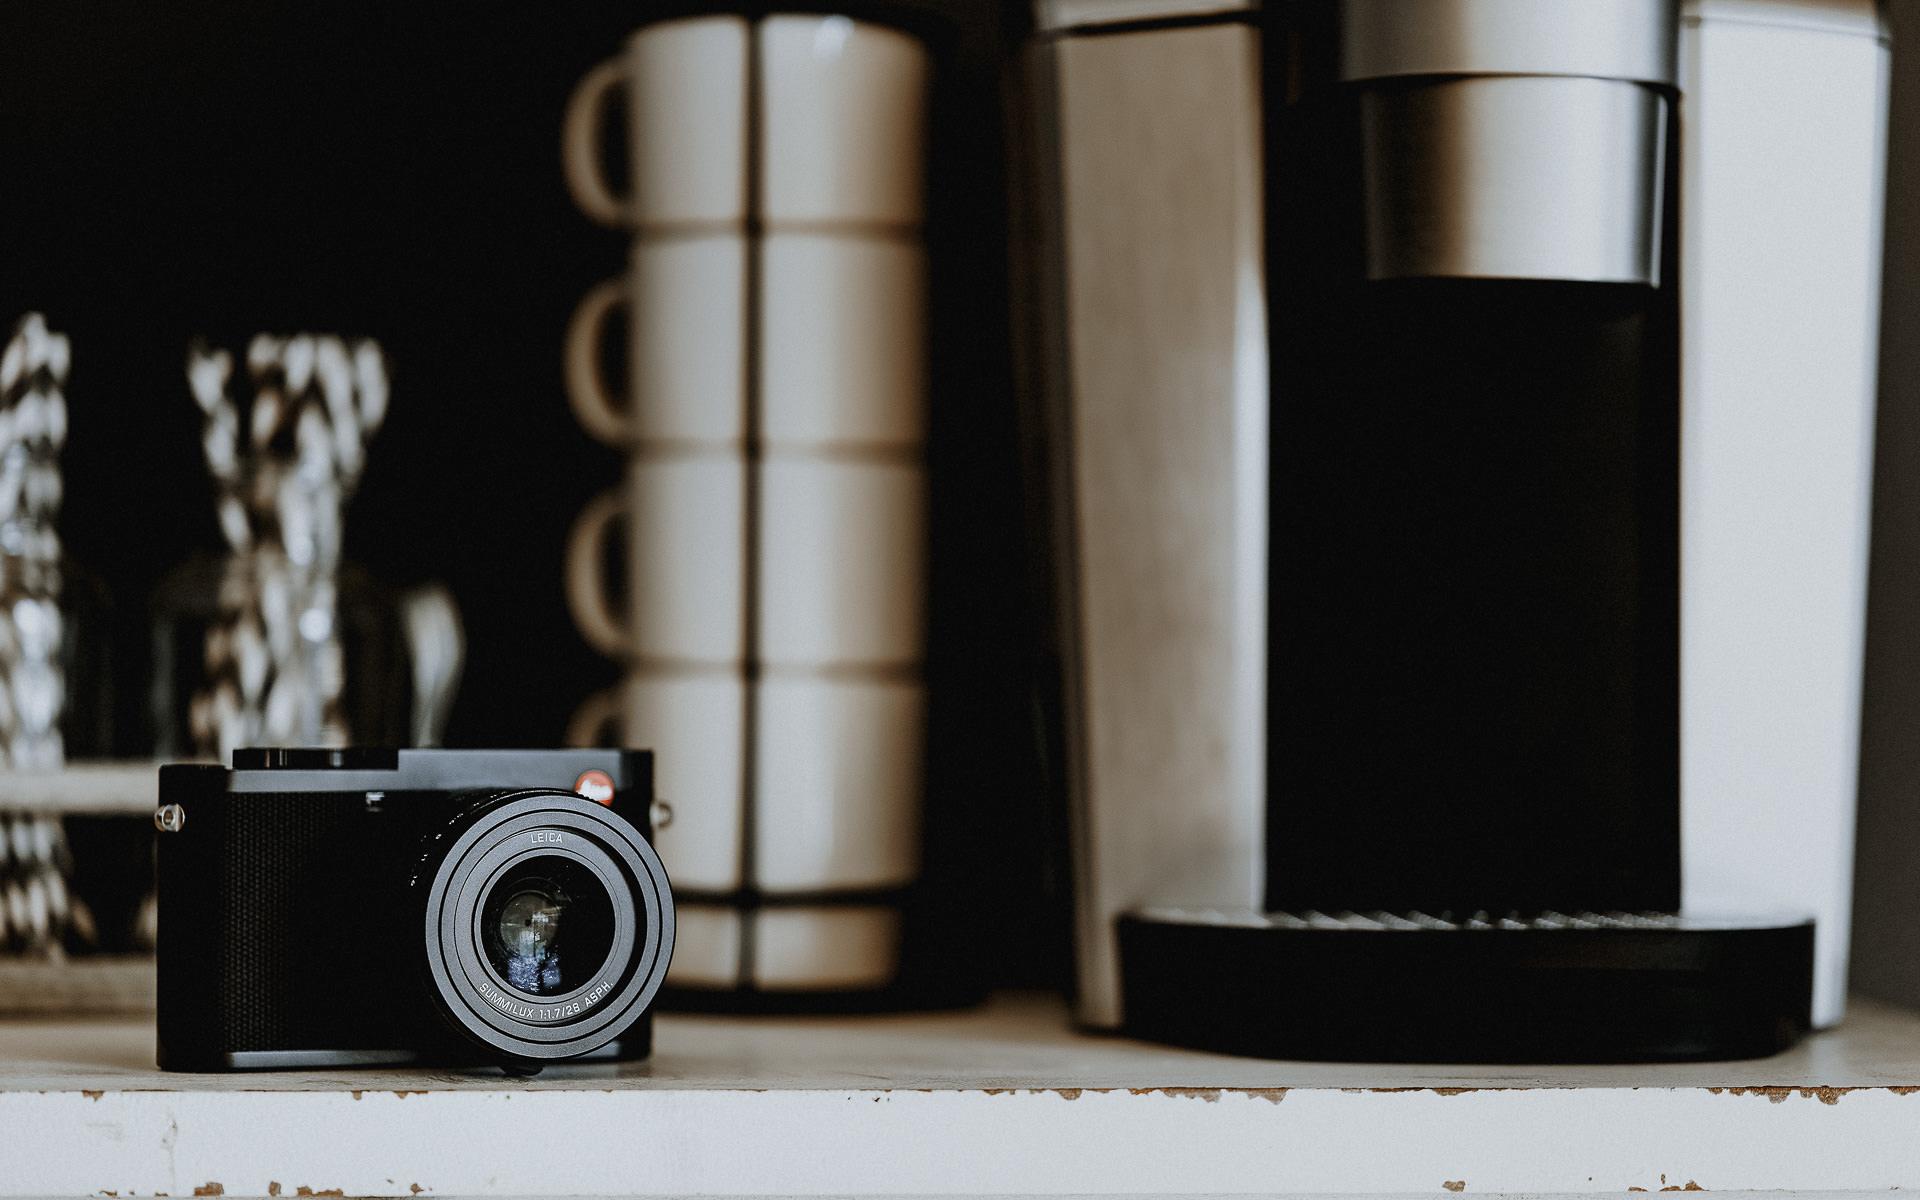 Leica-Q2-Review-7.jpg